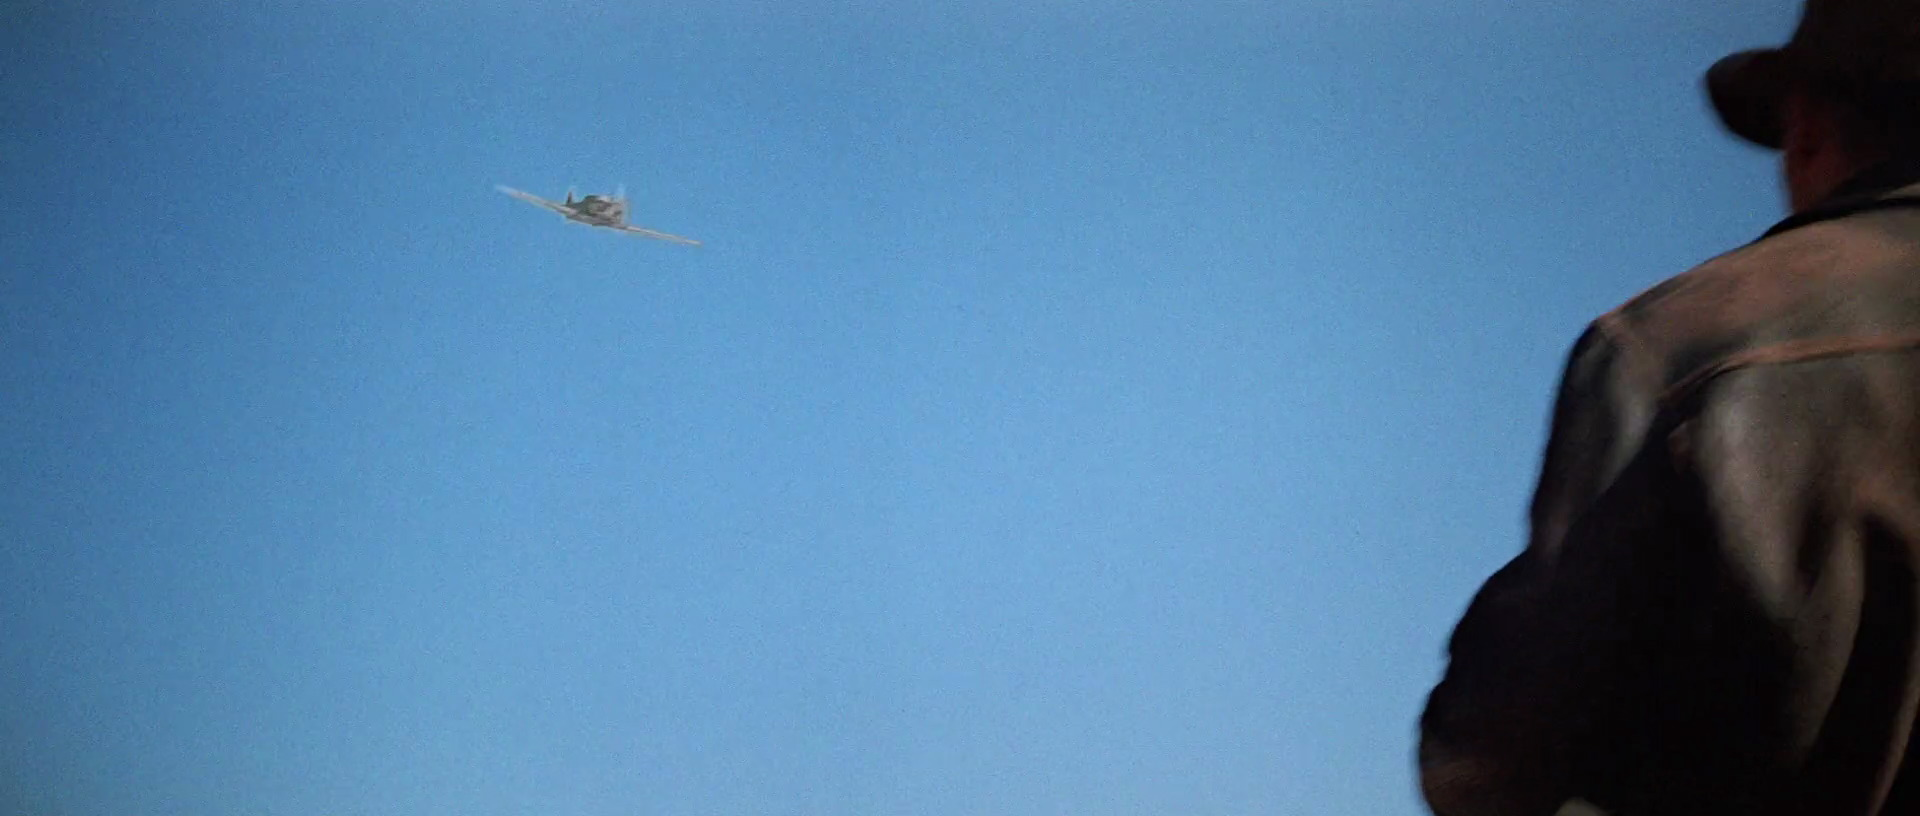 SKYWALKER, AIRPLANE - STUKA SIREN SCREAM BY, SHORT